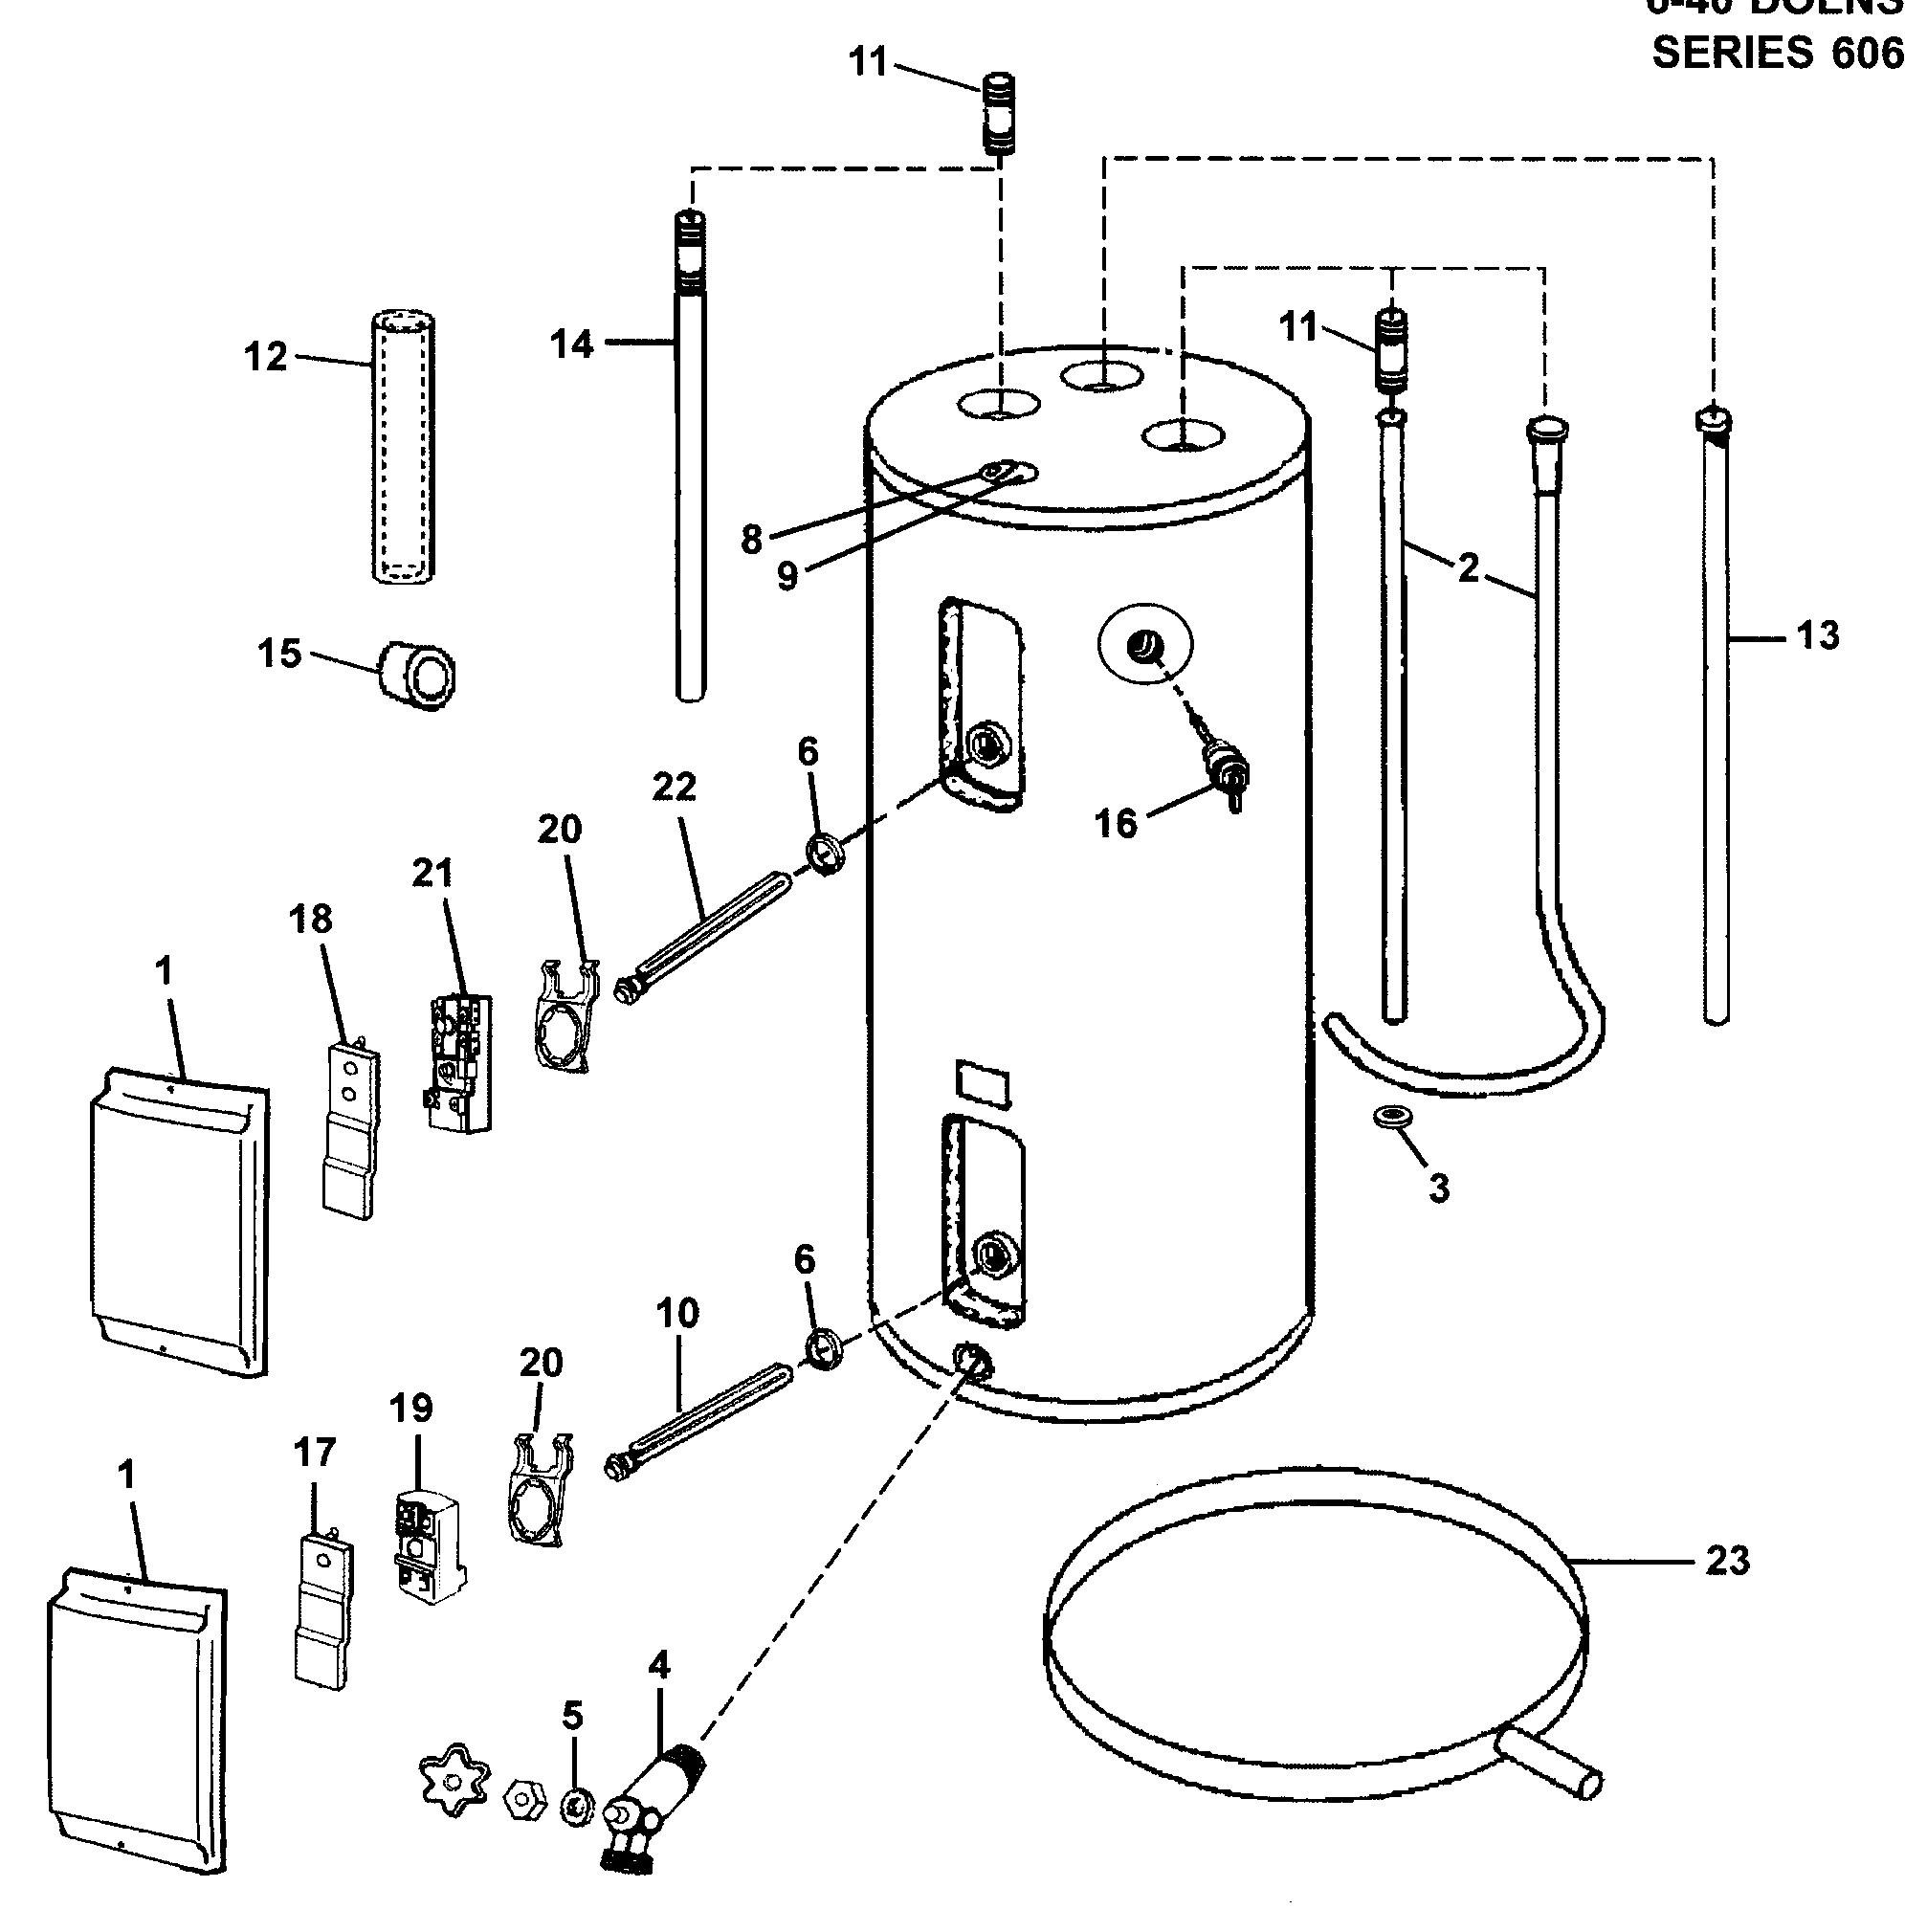 Schéma de câblage du chauffe-eau électrique Schéma de montage et de câblage Chauffe-eau électrique Pièces neuves du chauffe-eau électrique Schéma 15-p